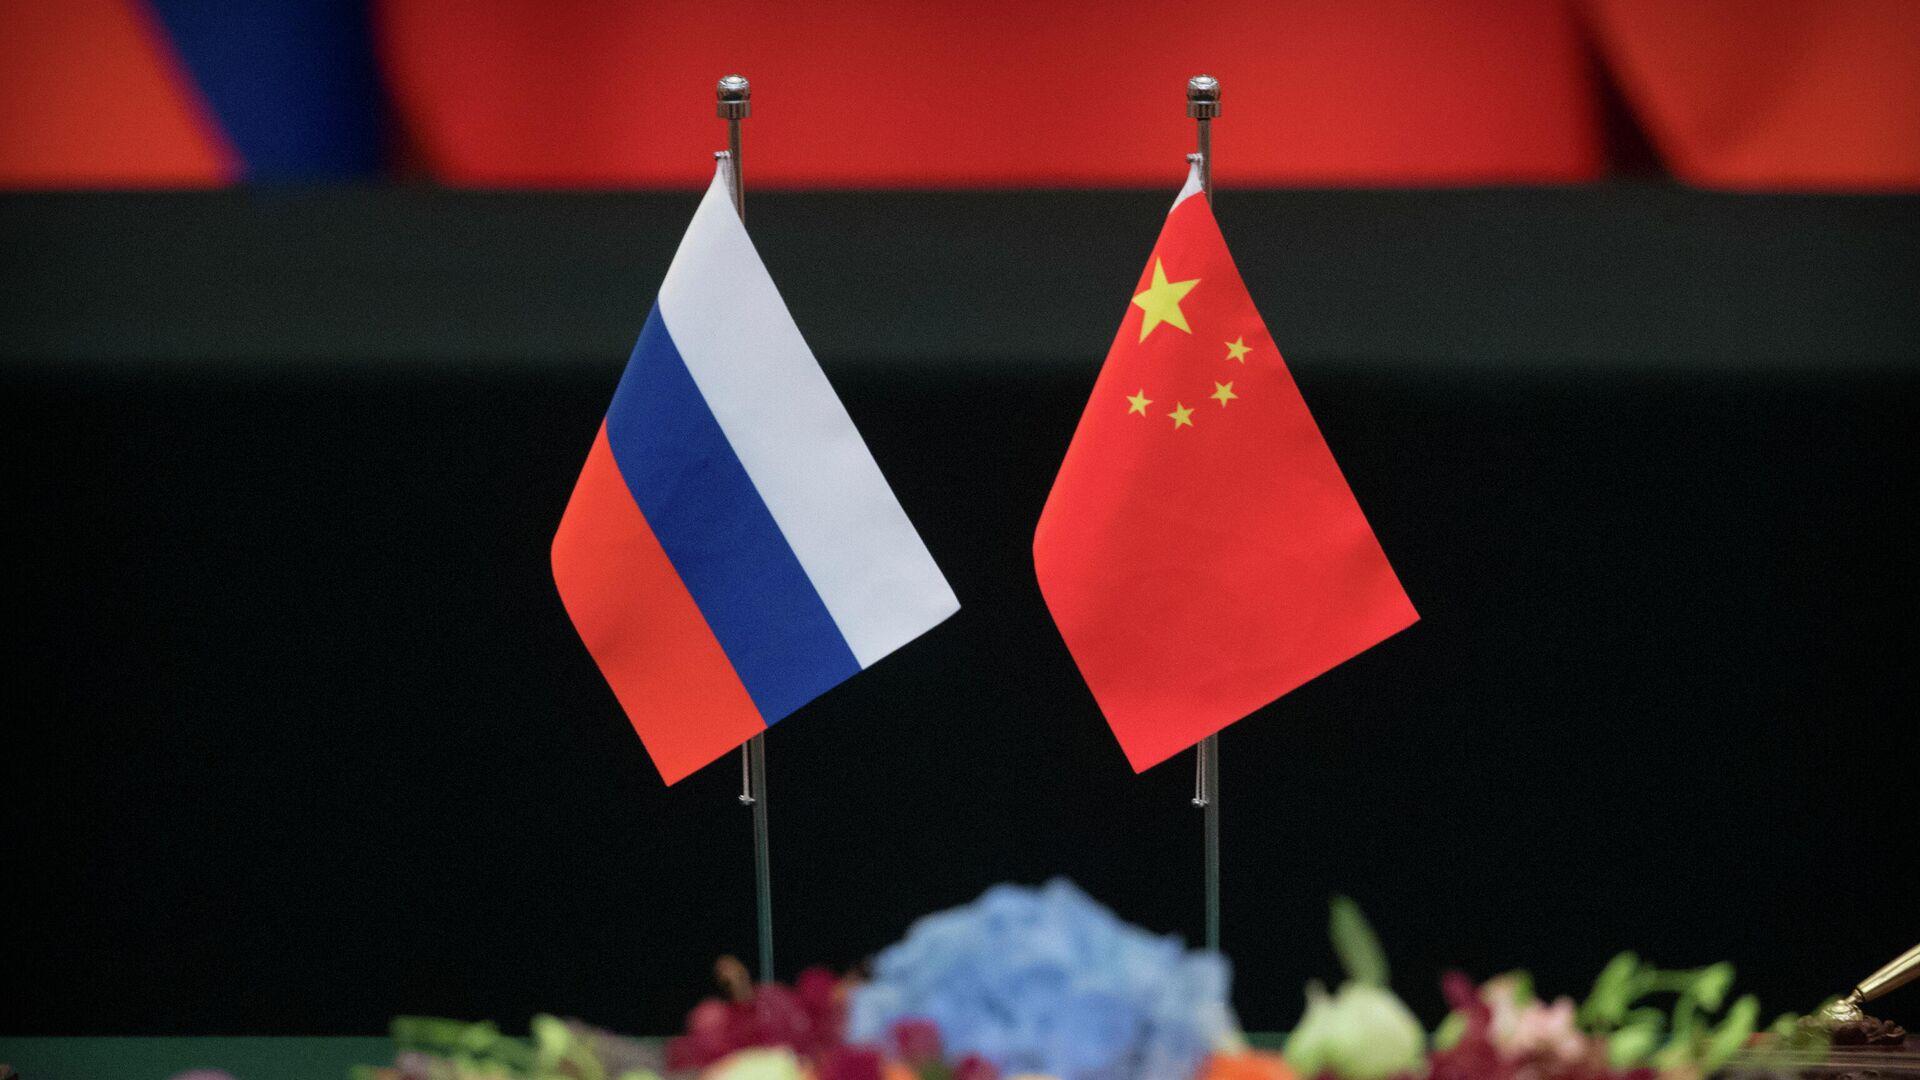 Государственные флаги России и Китая на столе в Доме народных собраний в Пекине - РИА Новости, 1920, 21.11.2020